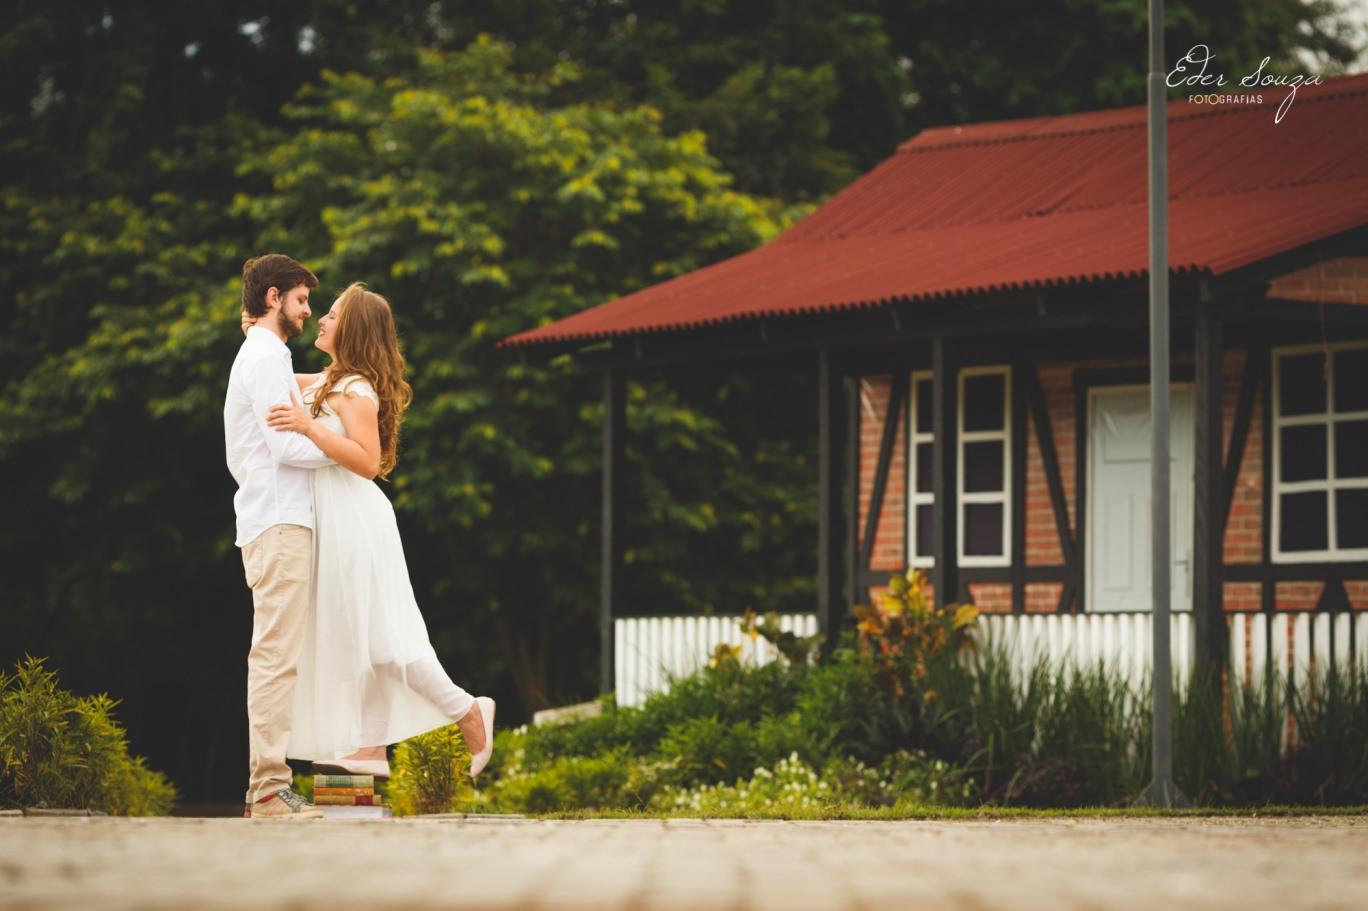 pré wedding inspiration - inspiração pré wedding